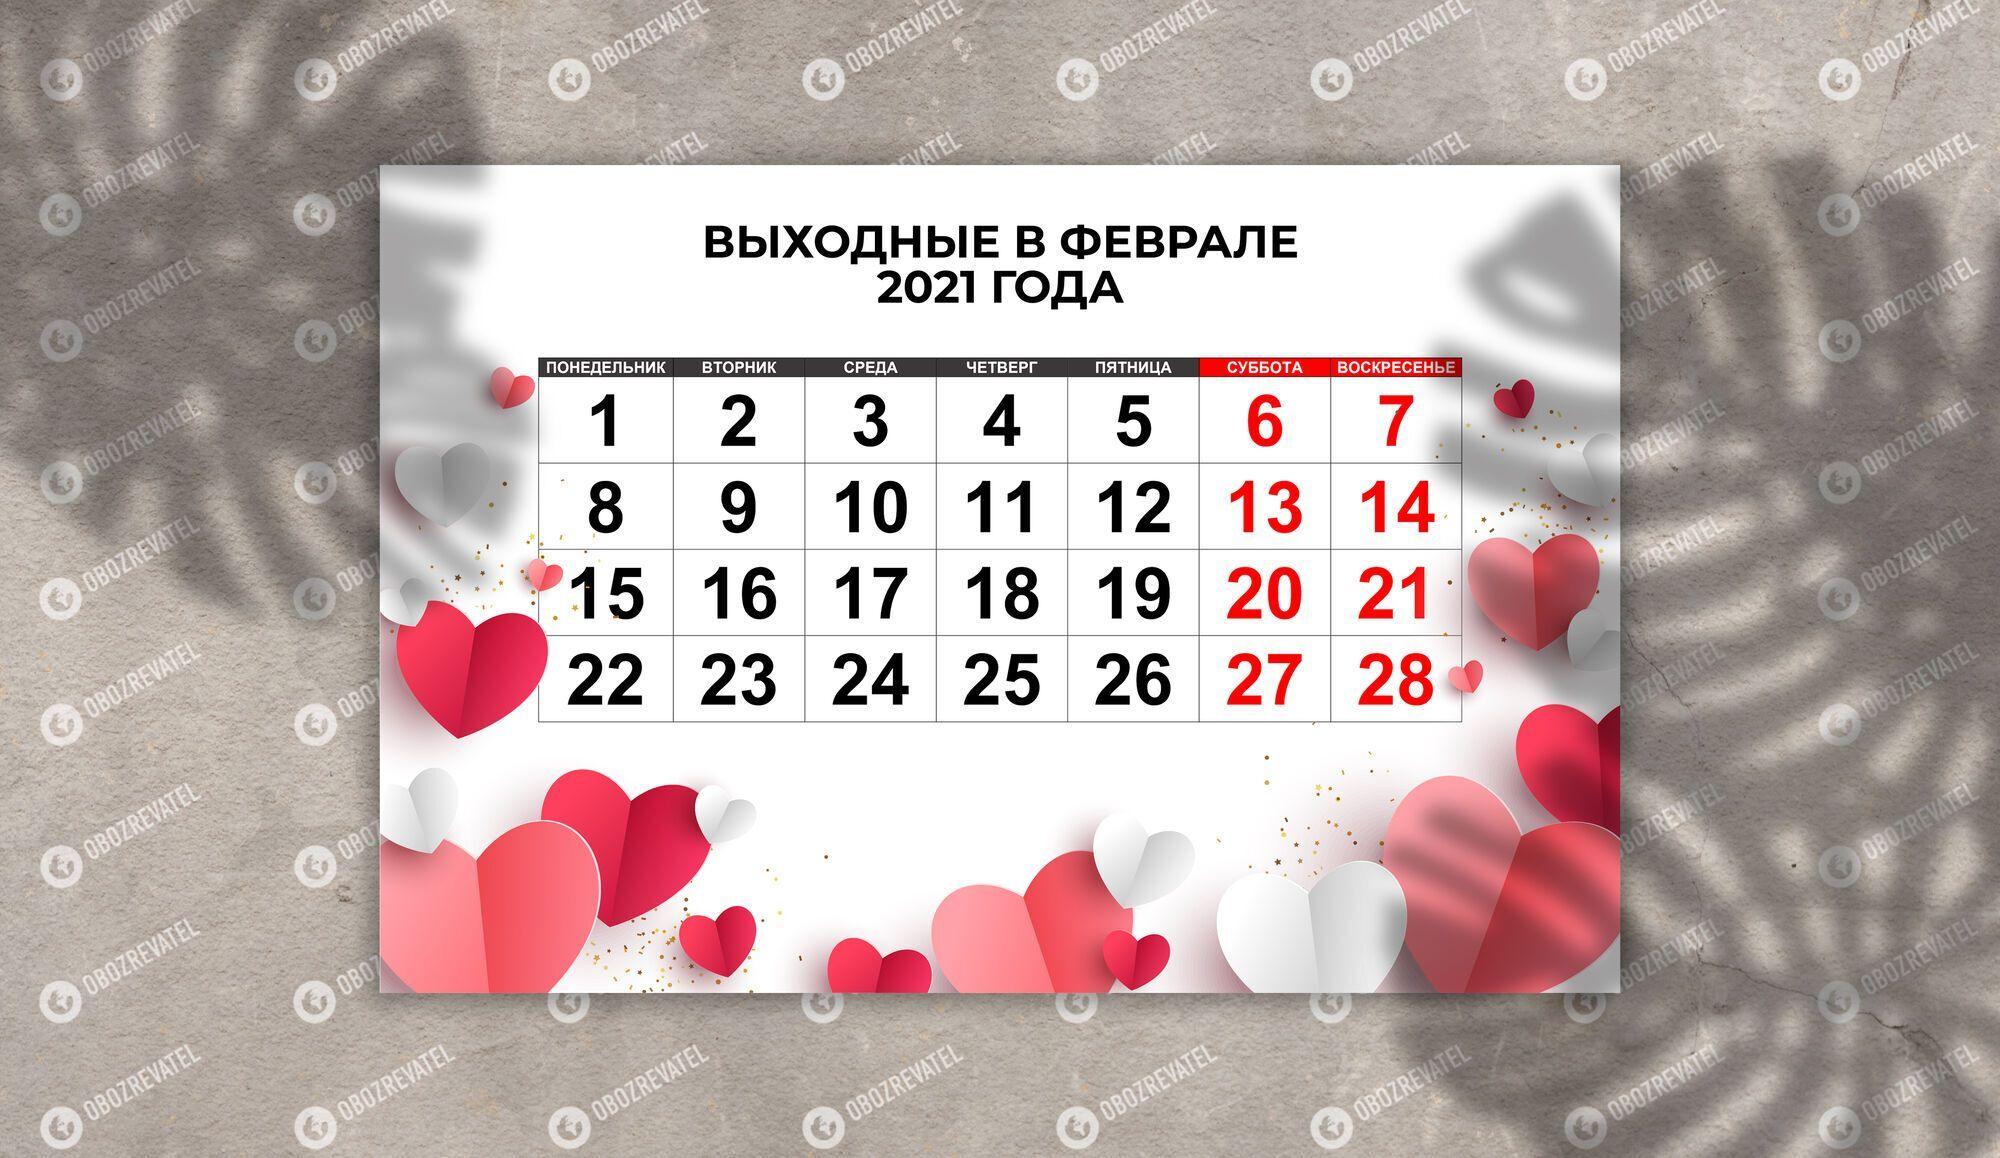 На лютий 2021 року випадає вісім календарних вихідних